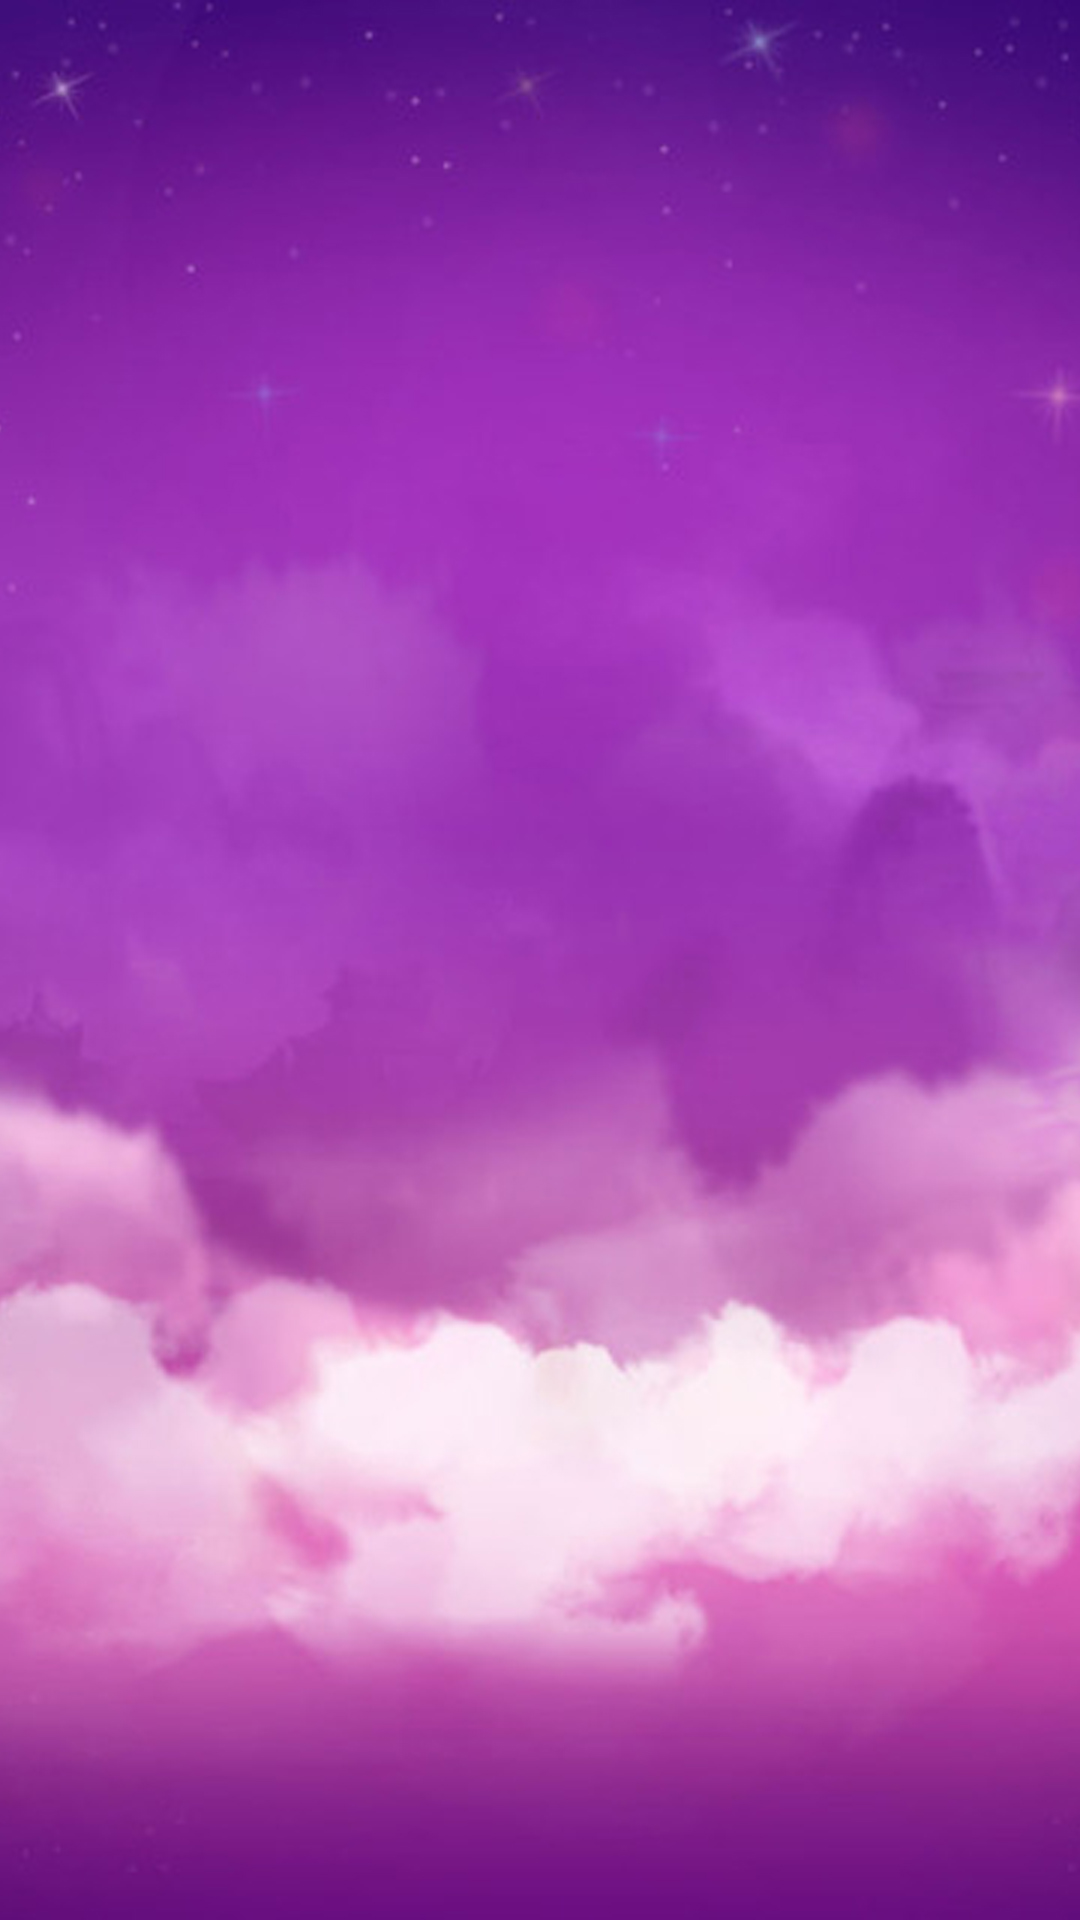 violet sky h5 de fond violet le ciel les nuages image de